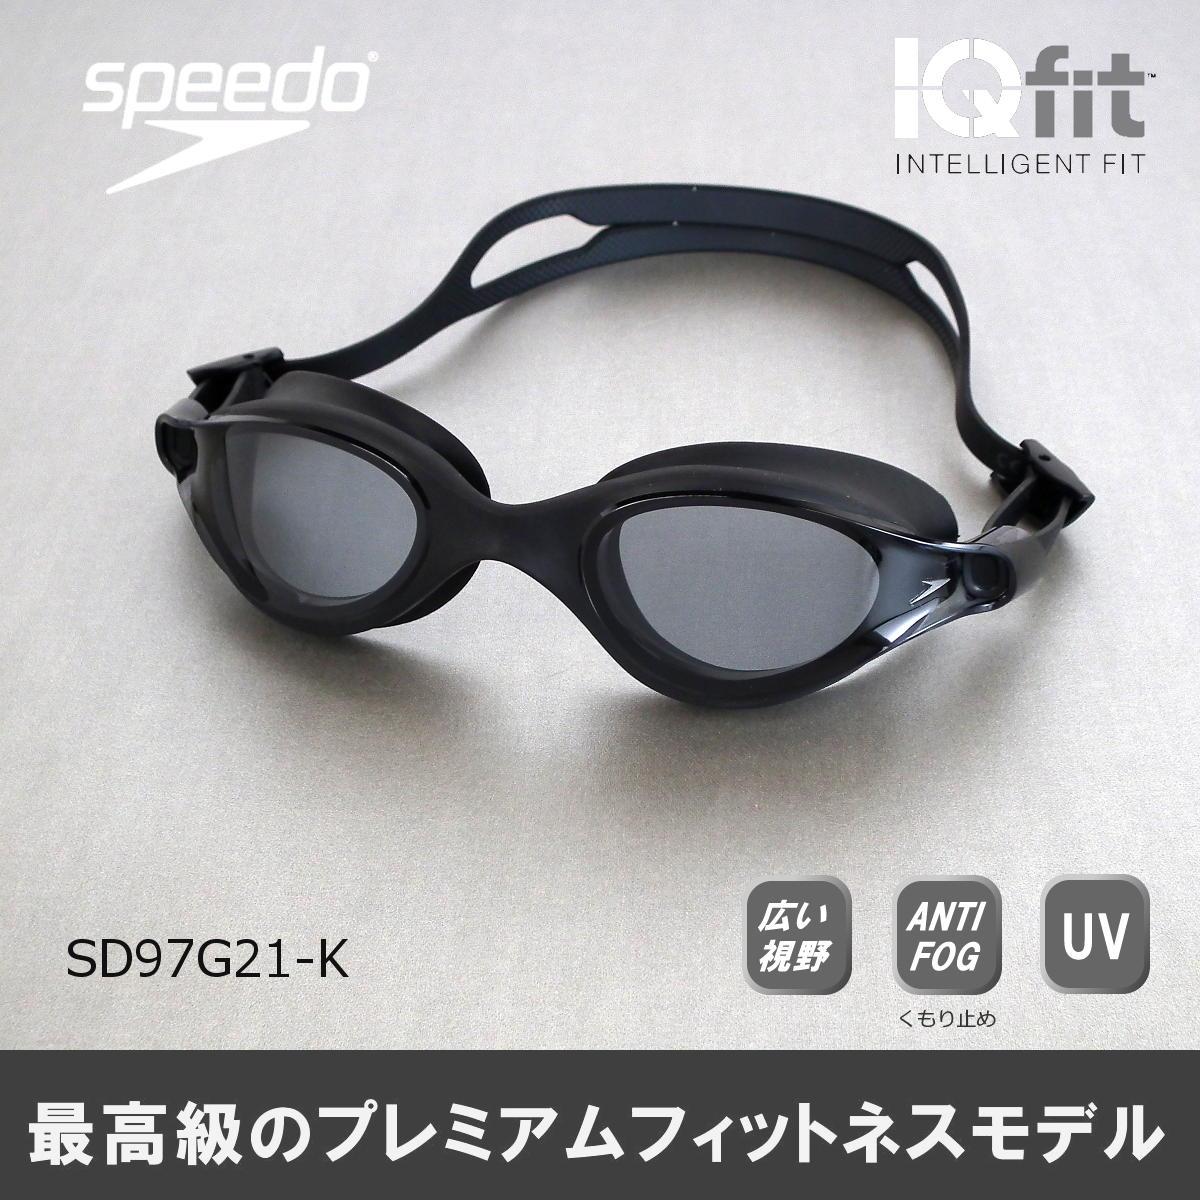 【スイムゴーグル】SPEEDO スピード クッションパッド付き スイミングゴーグル クリアタイプ Vue ヴューゴーグル 水泳 SD97G21-K